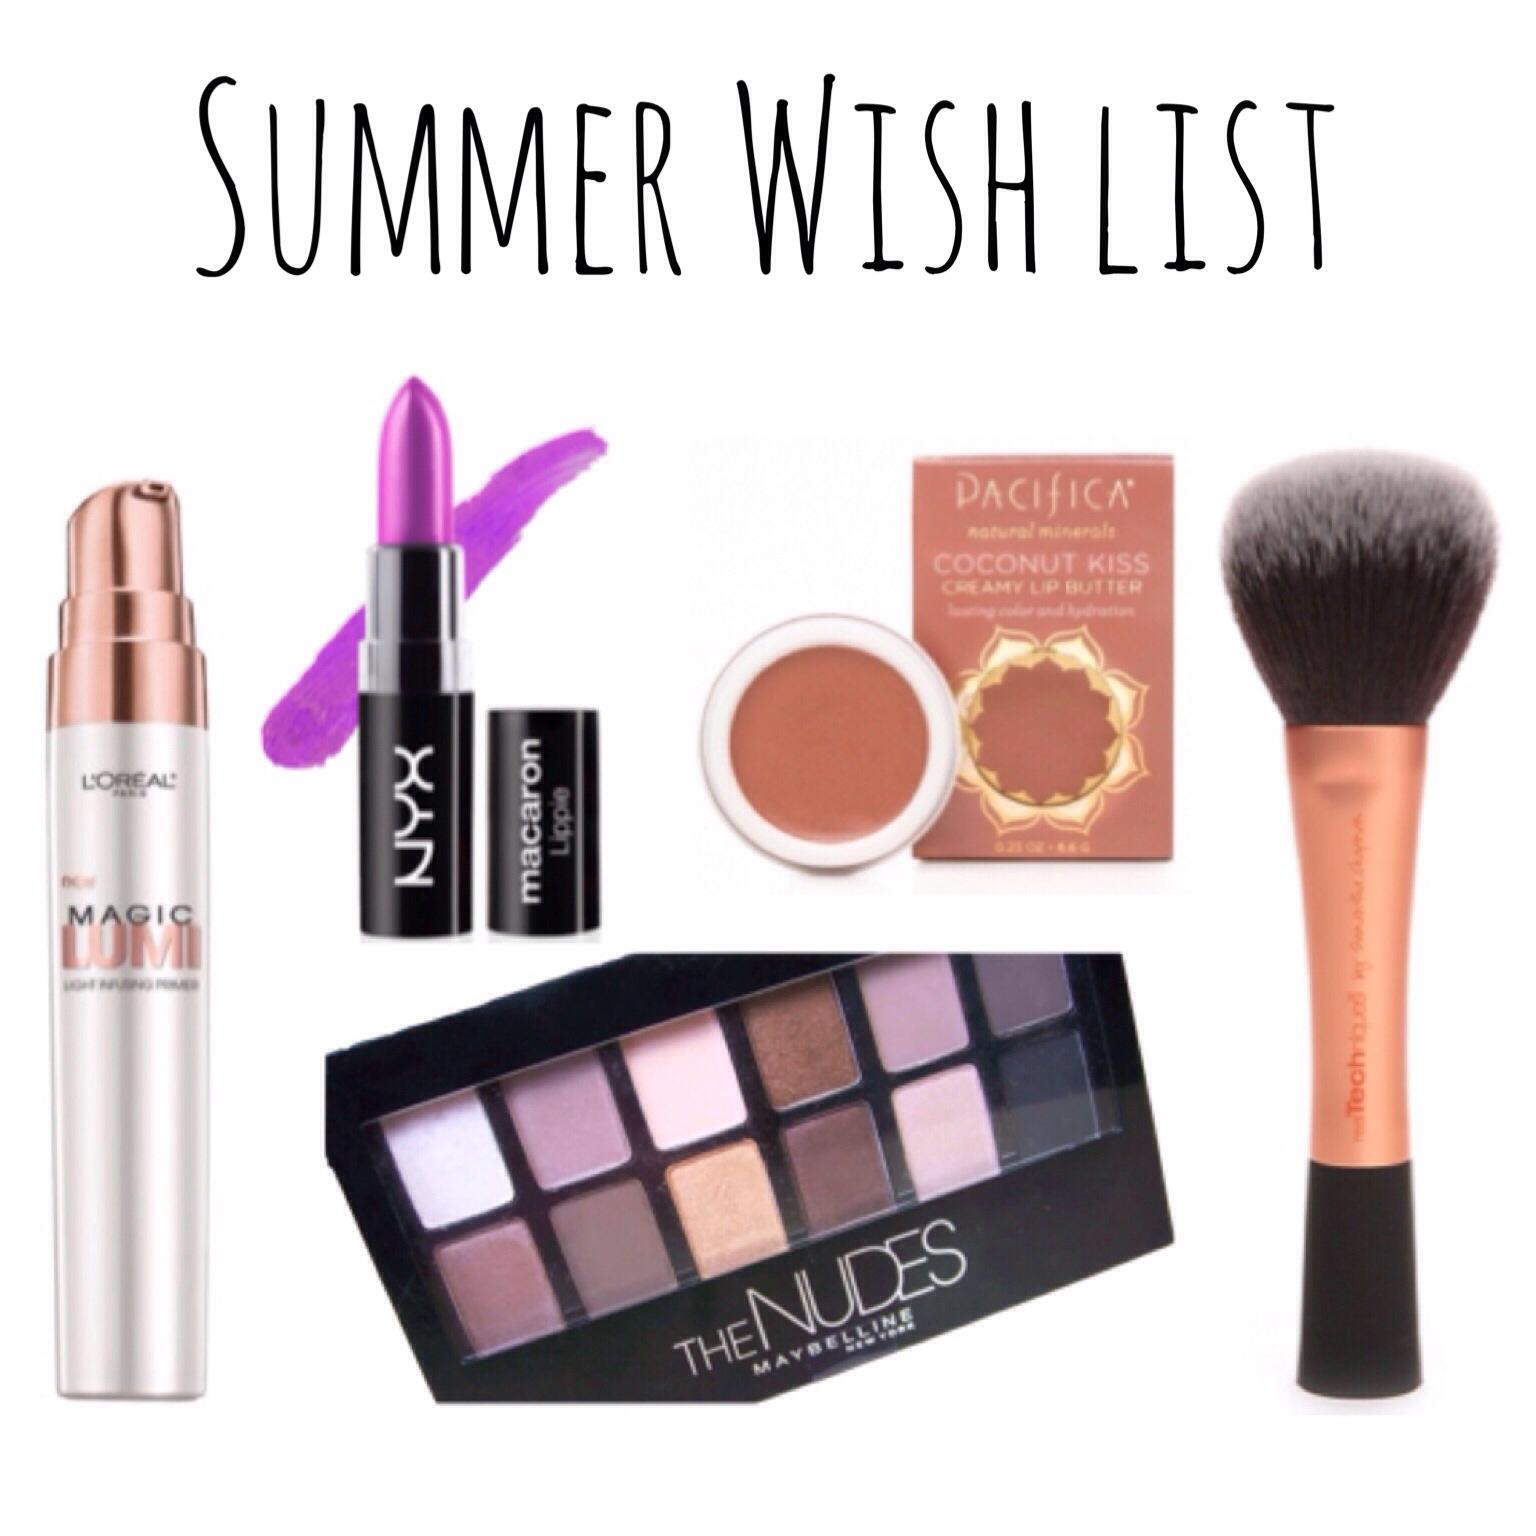 Summer Wish List 2014